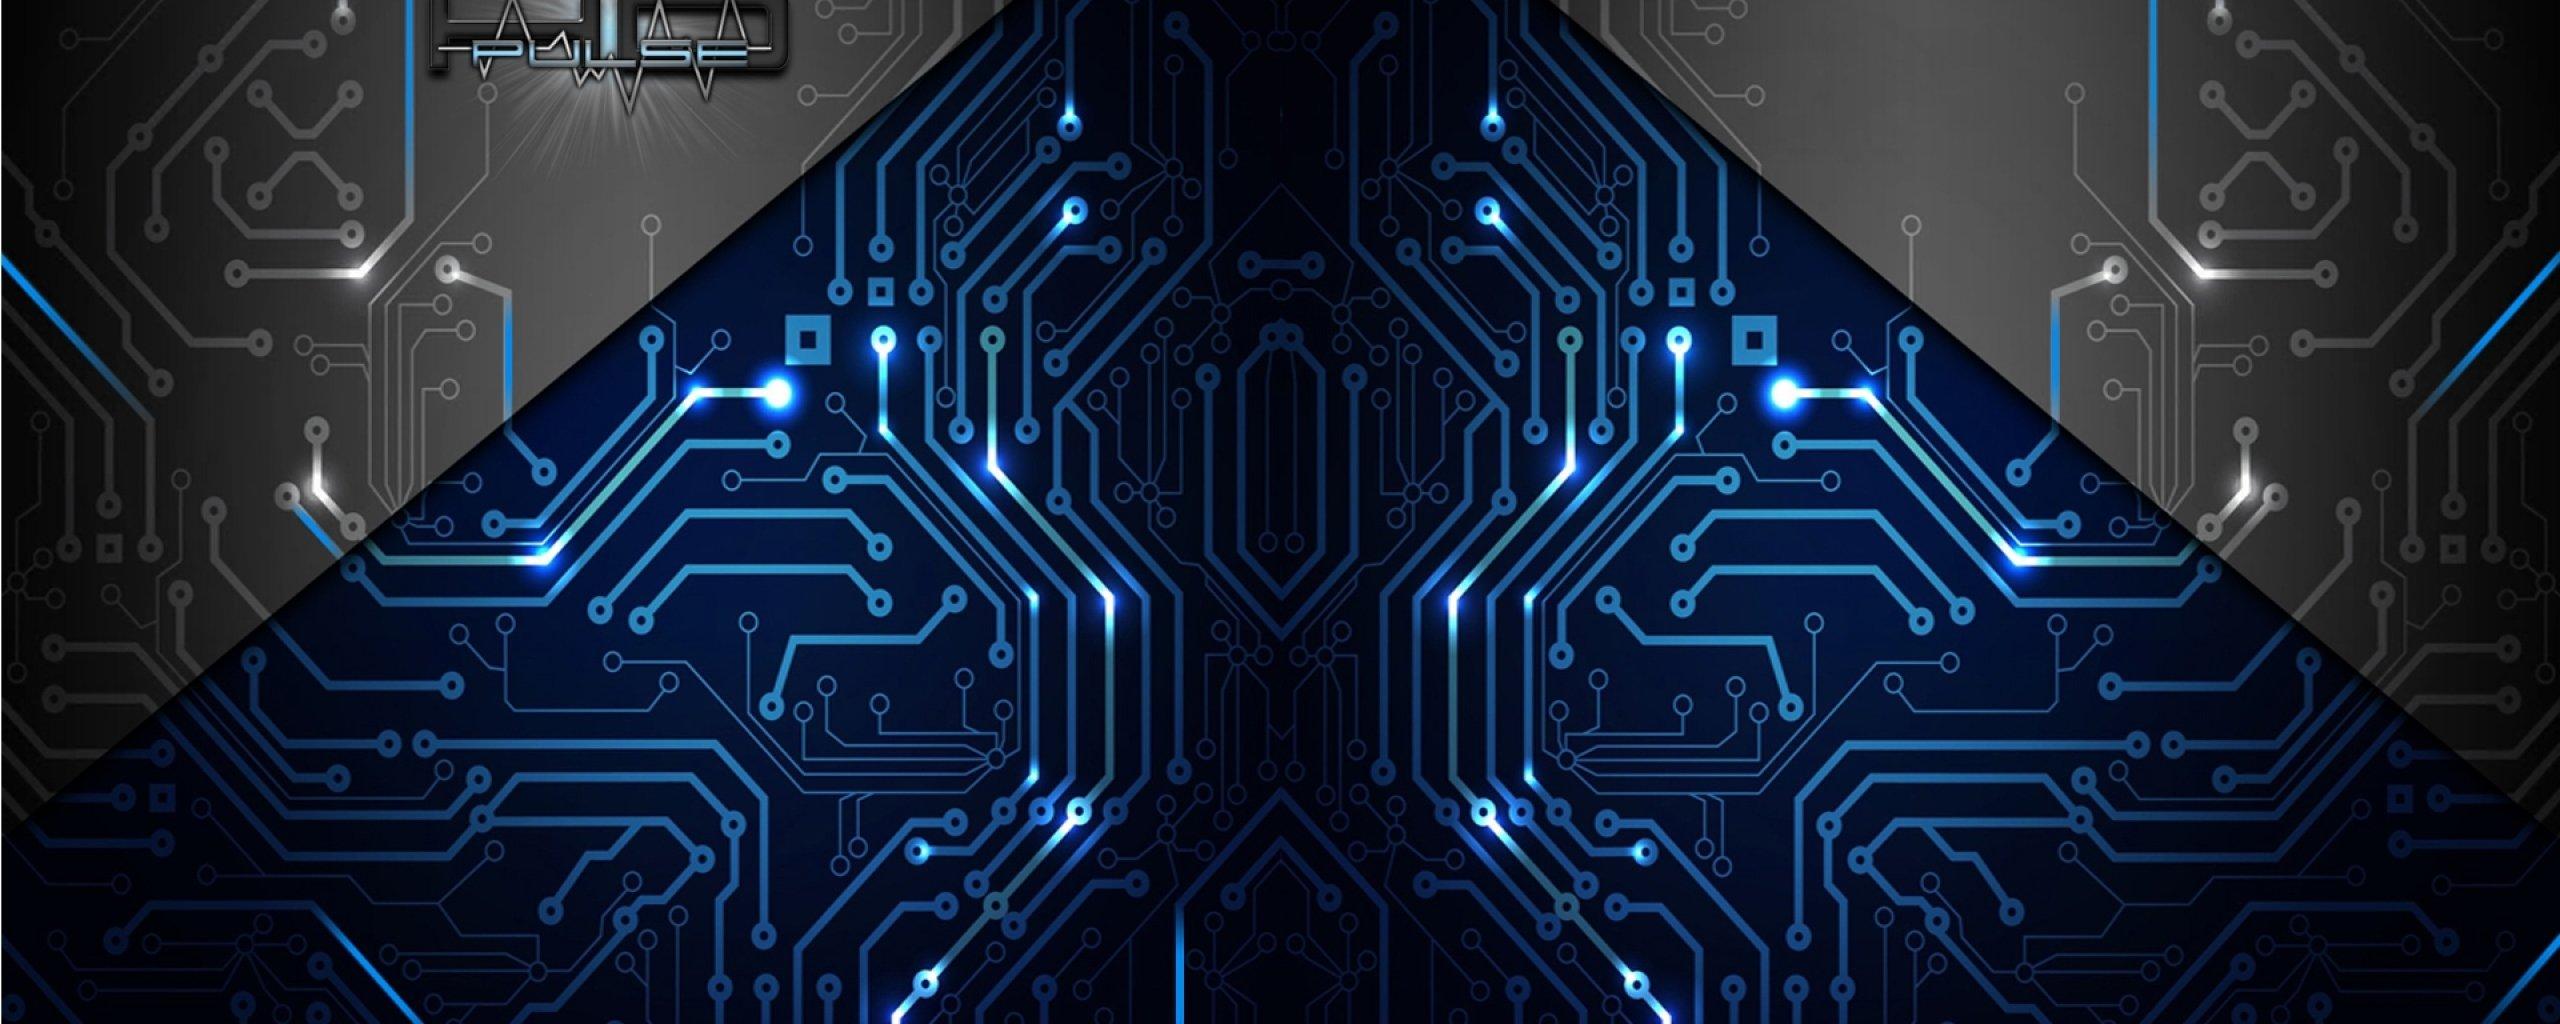 Multi monitor dual screen widescreen wallpaper | 2560x1024 | 829989 | WallpaperUP